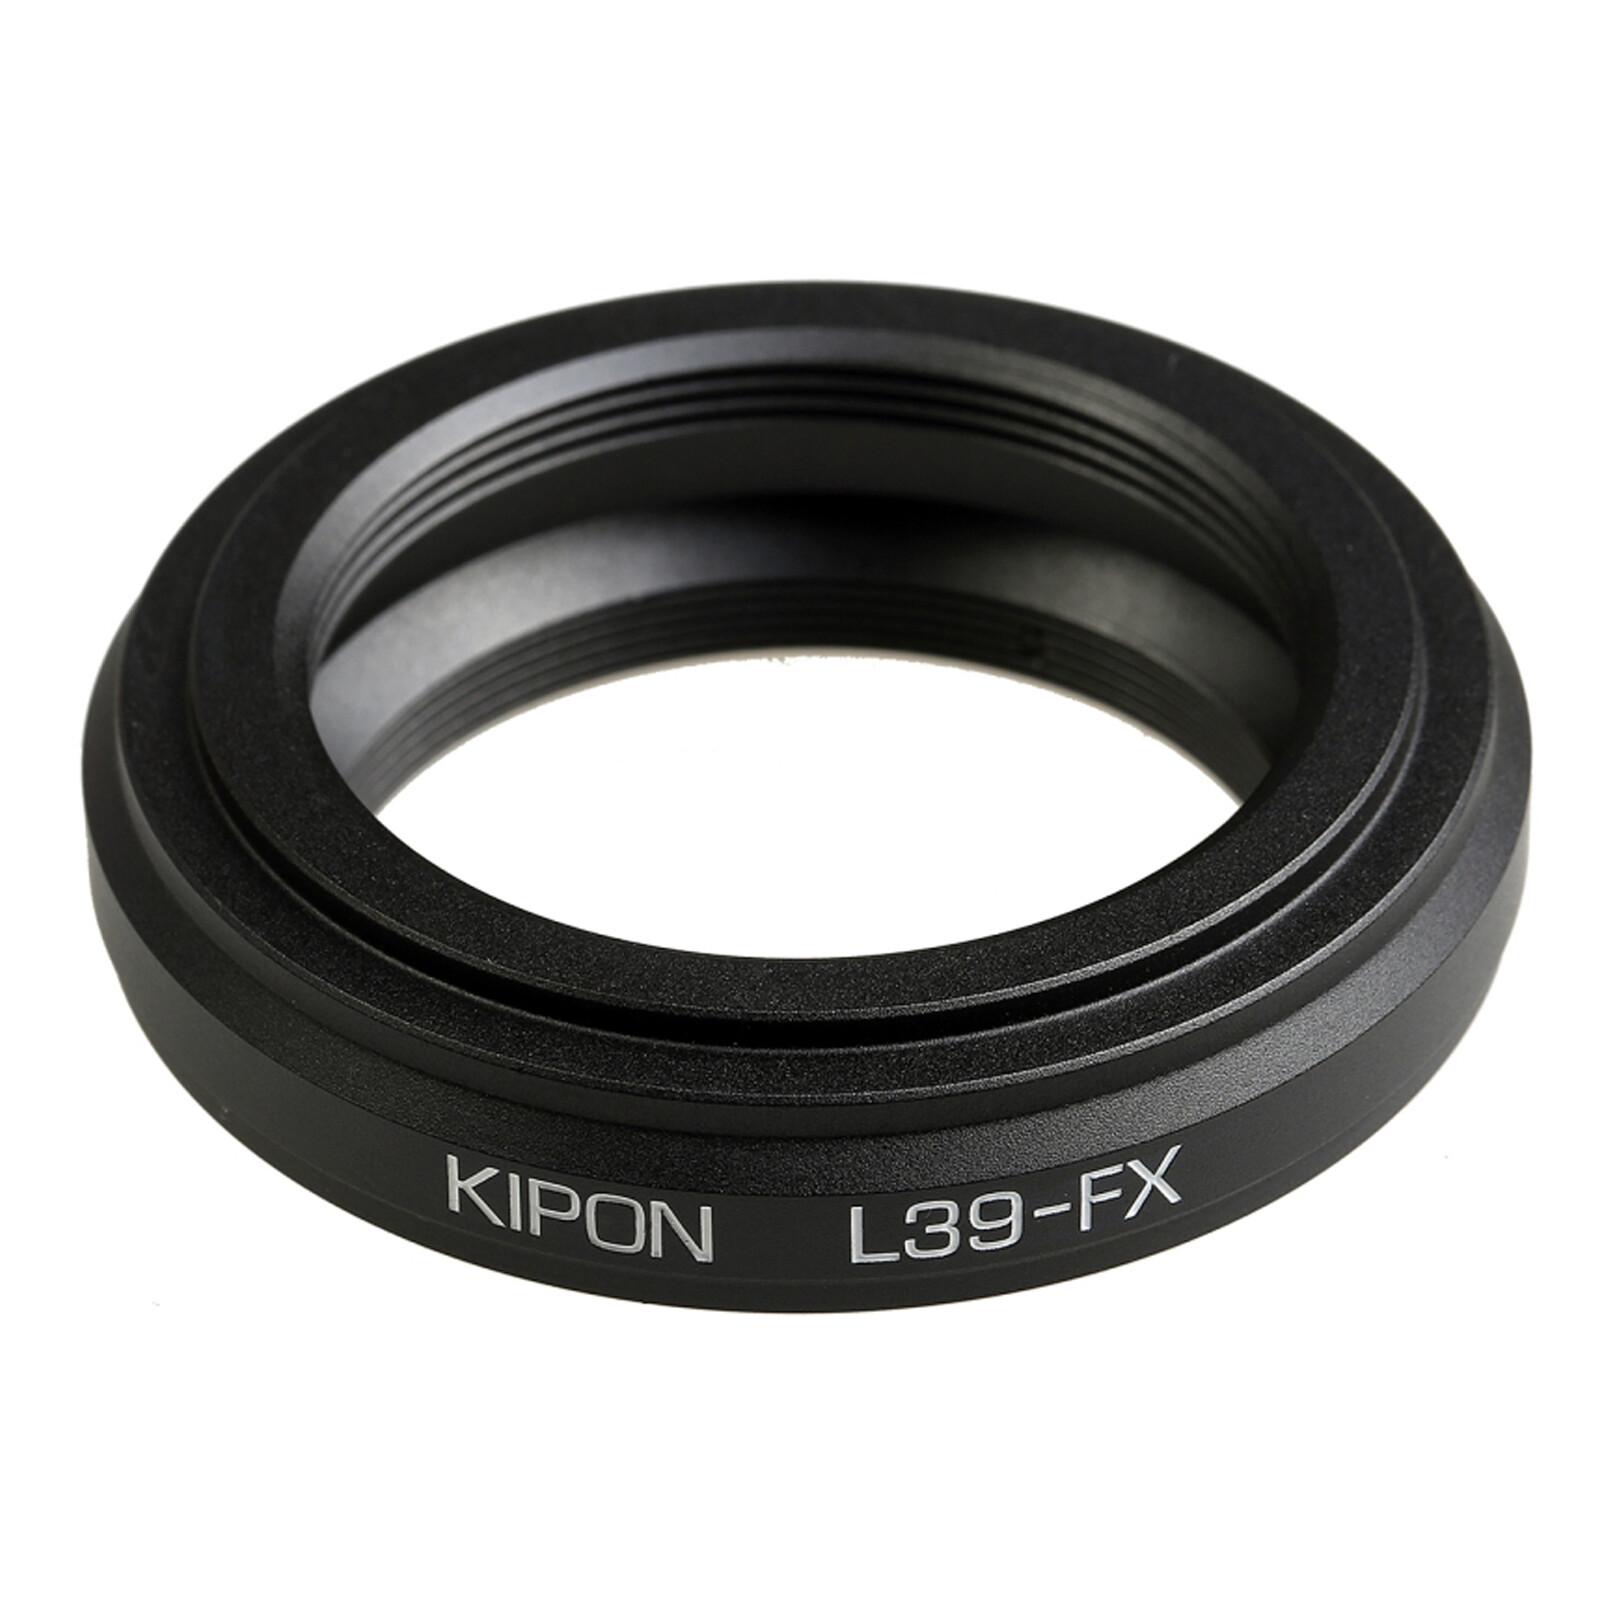 Kipon Adapter für Leica 39 auf Fuji X